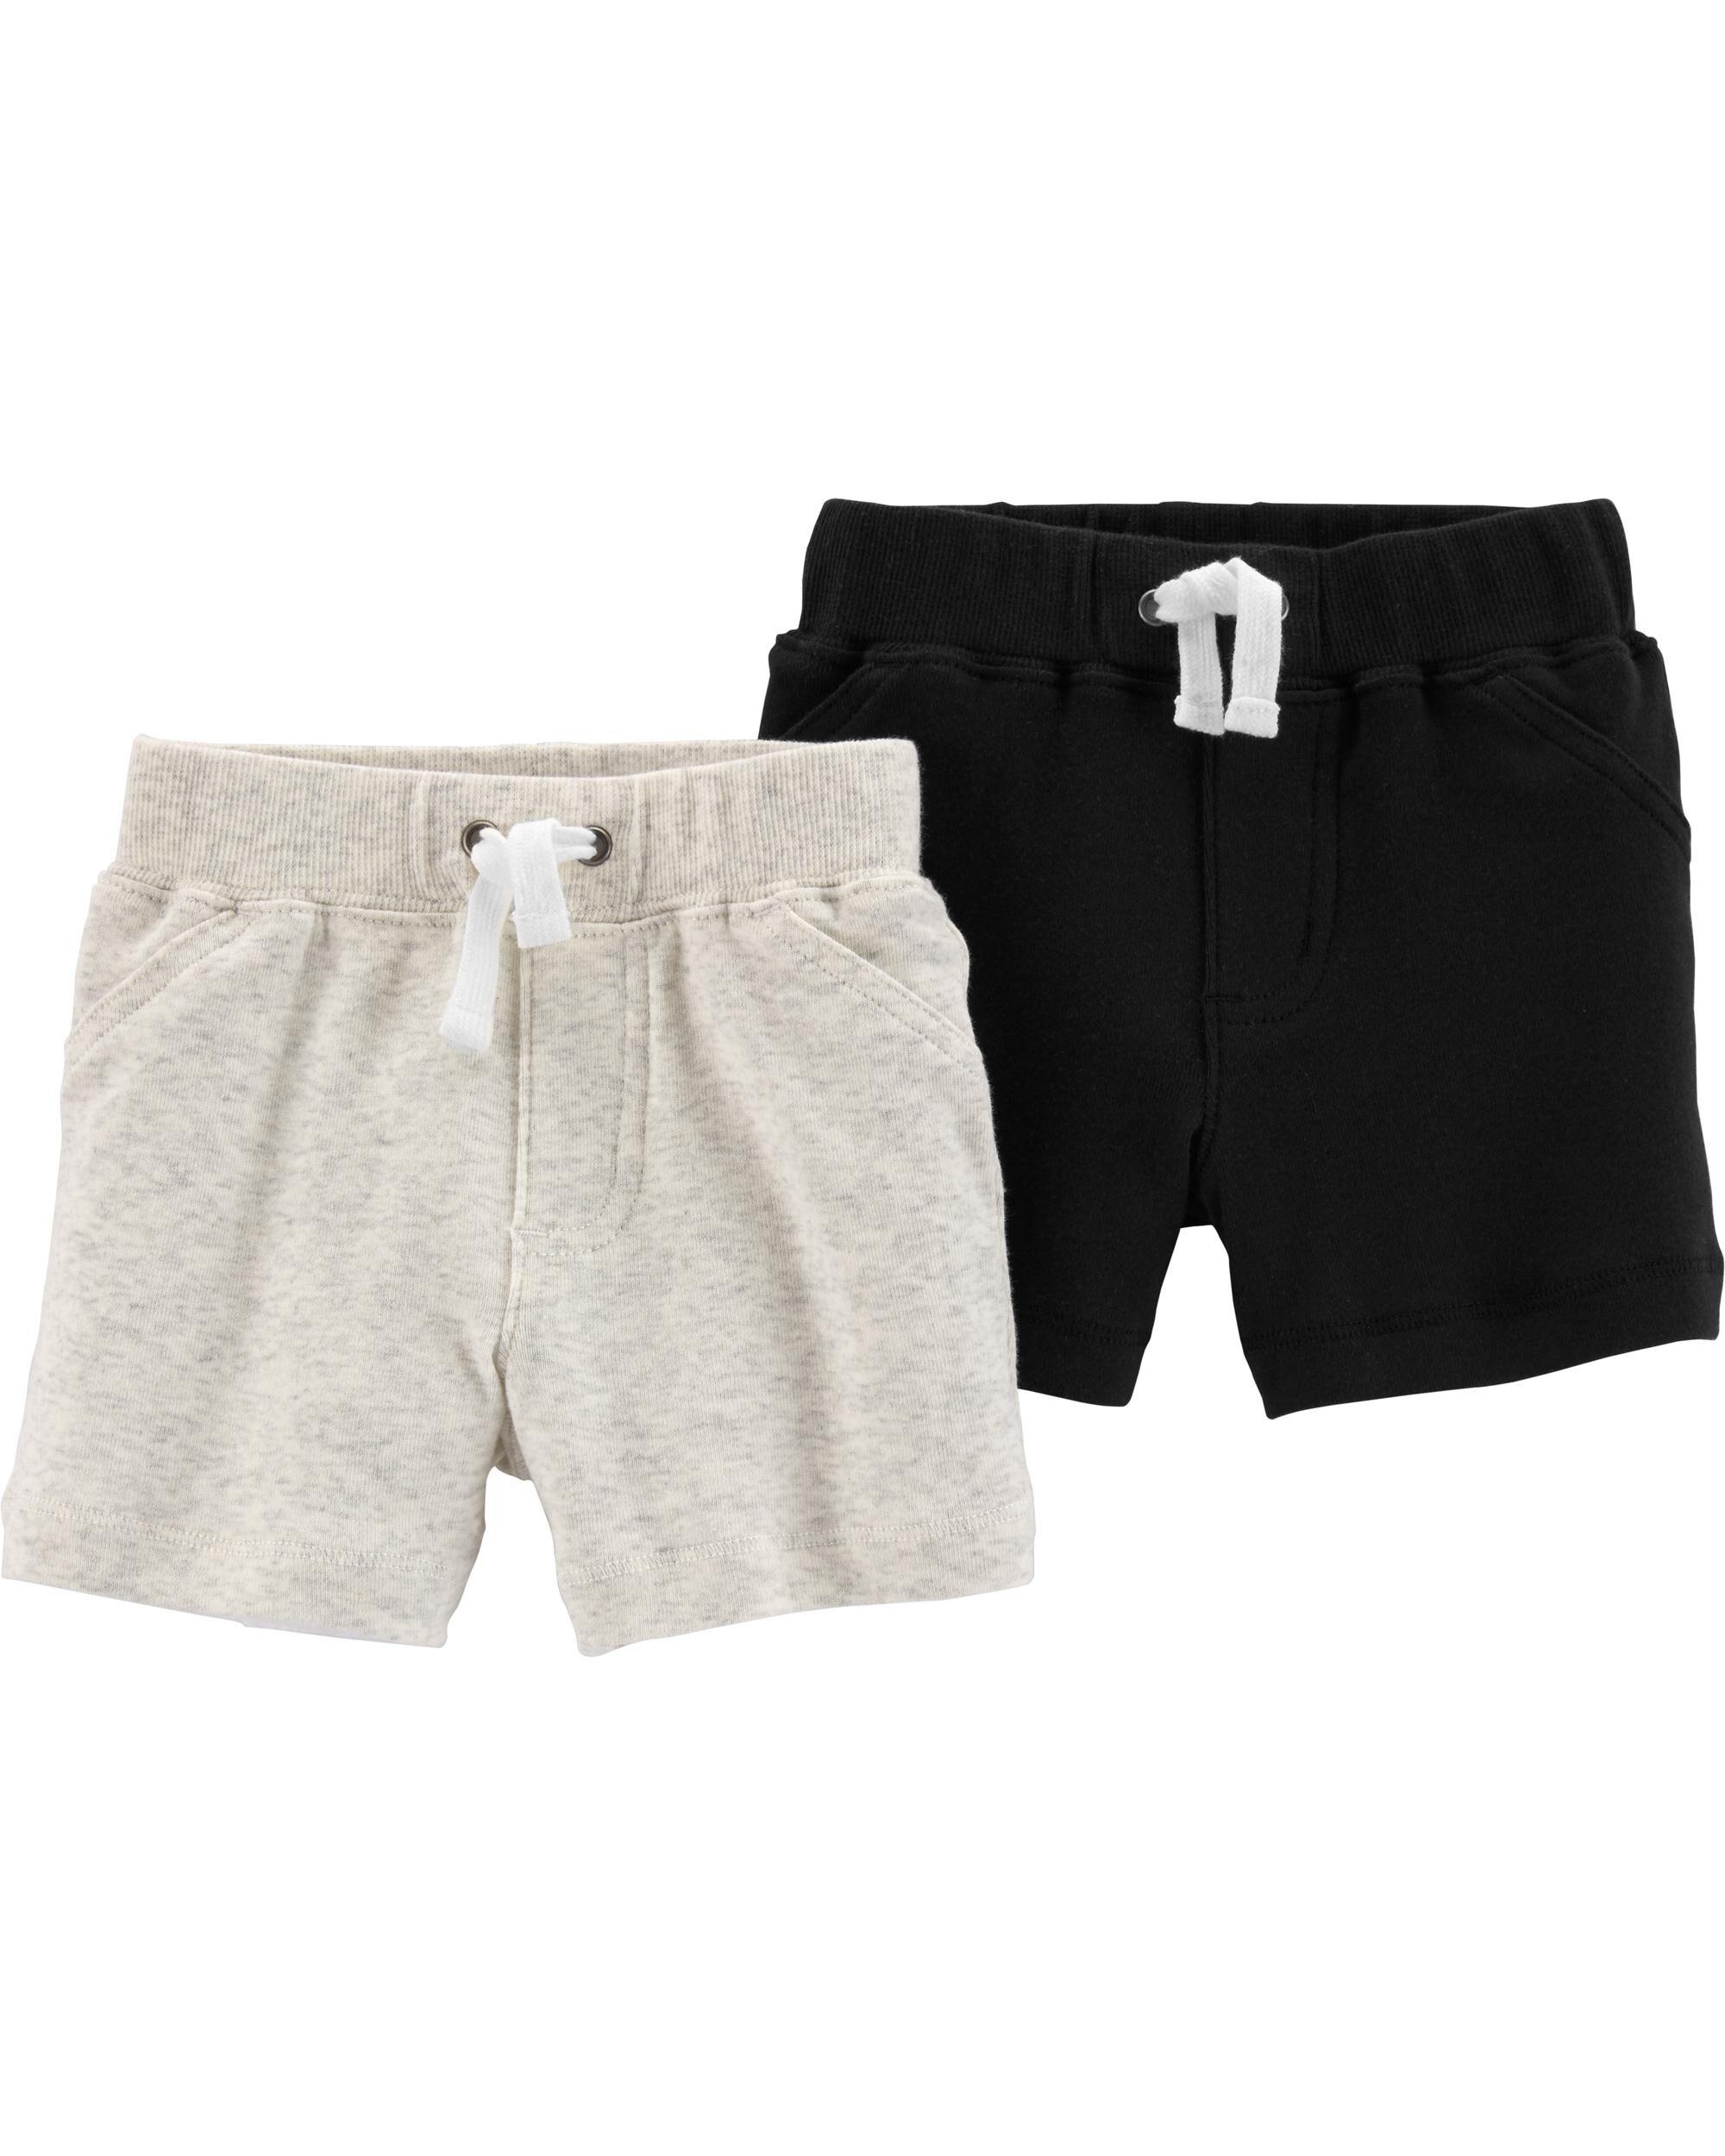 Starter Boys 2-Pack Basic Mesh Short Exclusive